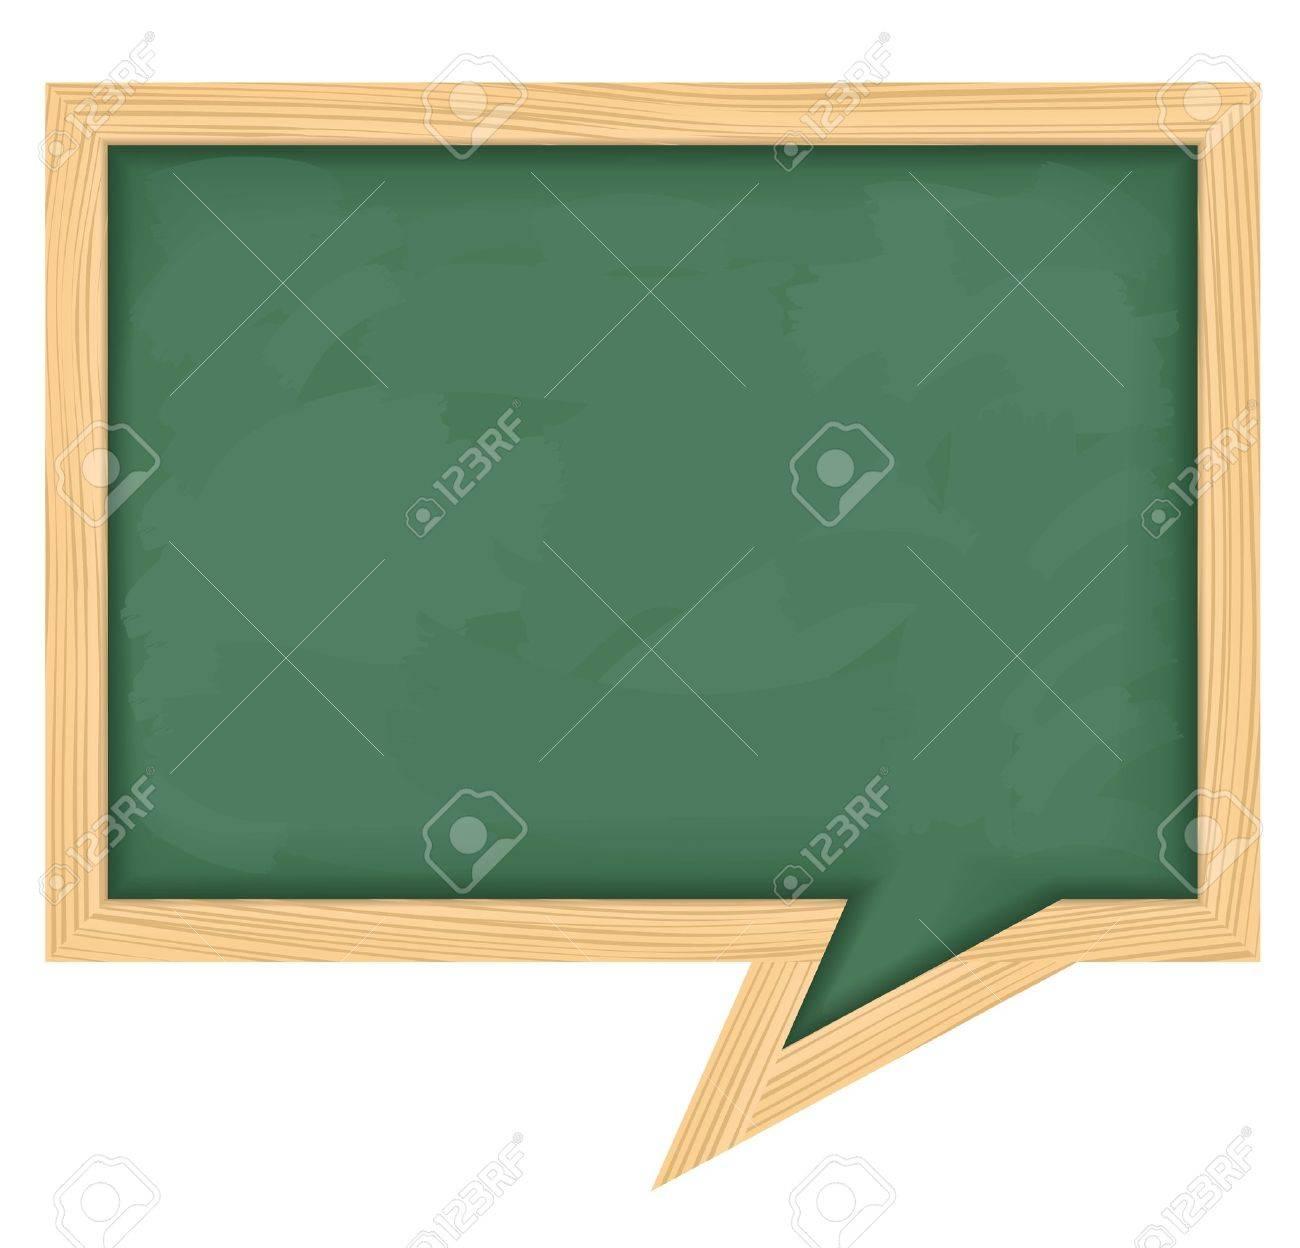 Blackboard shaped as speech bubble Stock Vector - 12483461